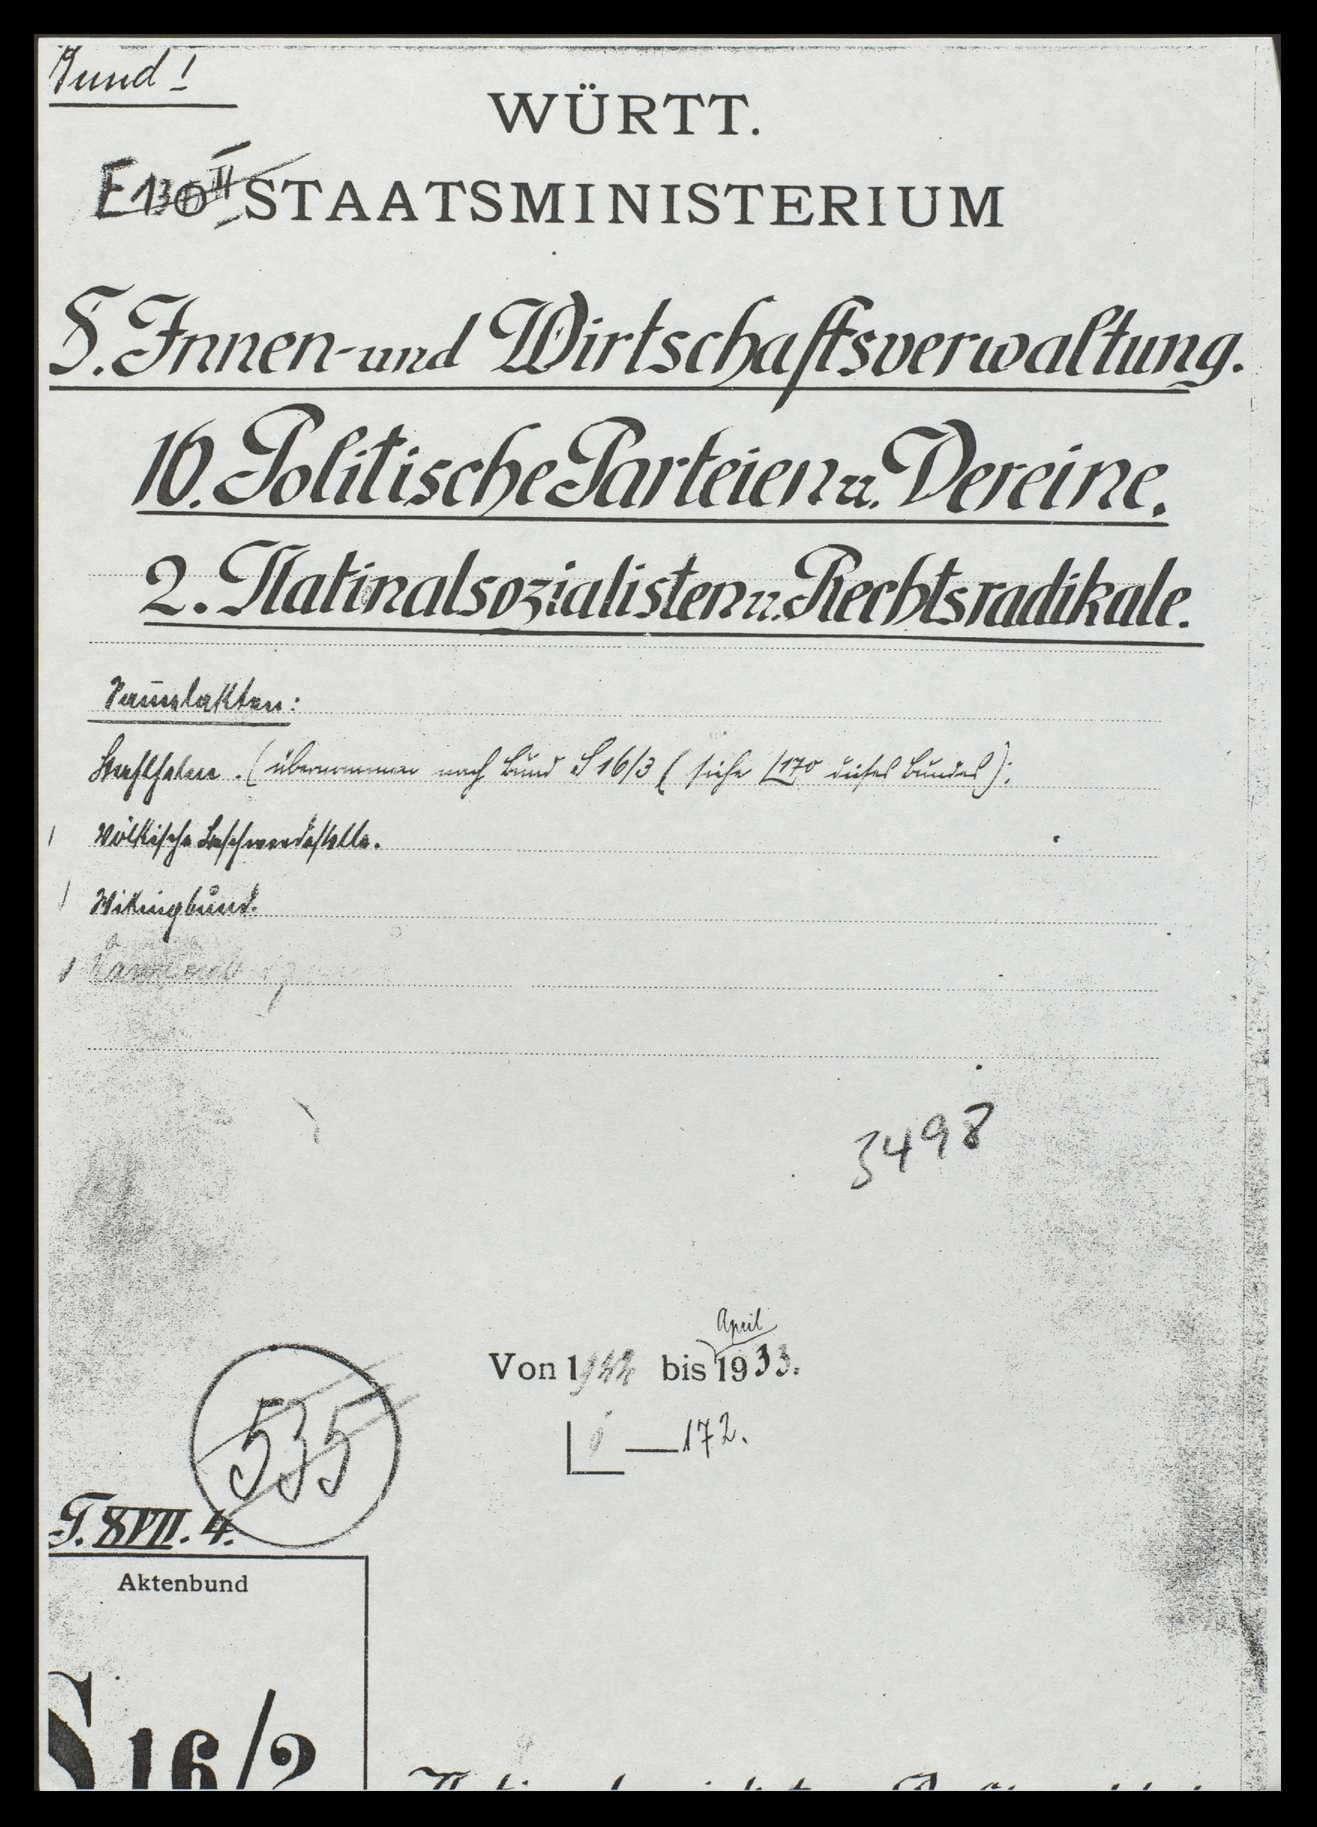 Versammlungen, Agitationen und andere Tätigkeiten der Nationalsozialisten, Bild 1